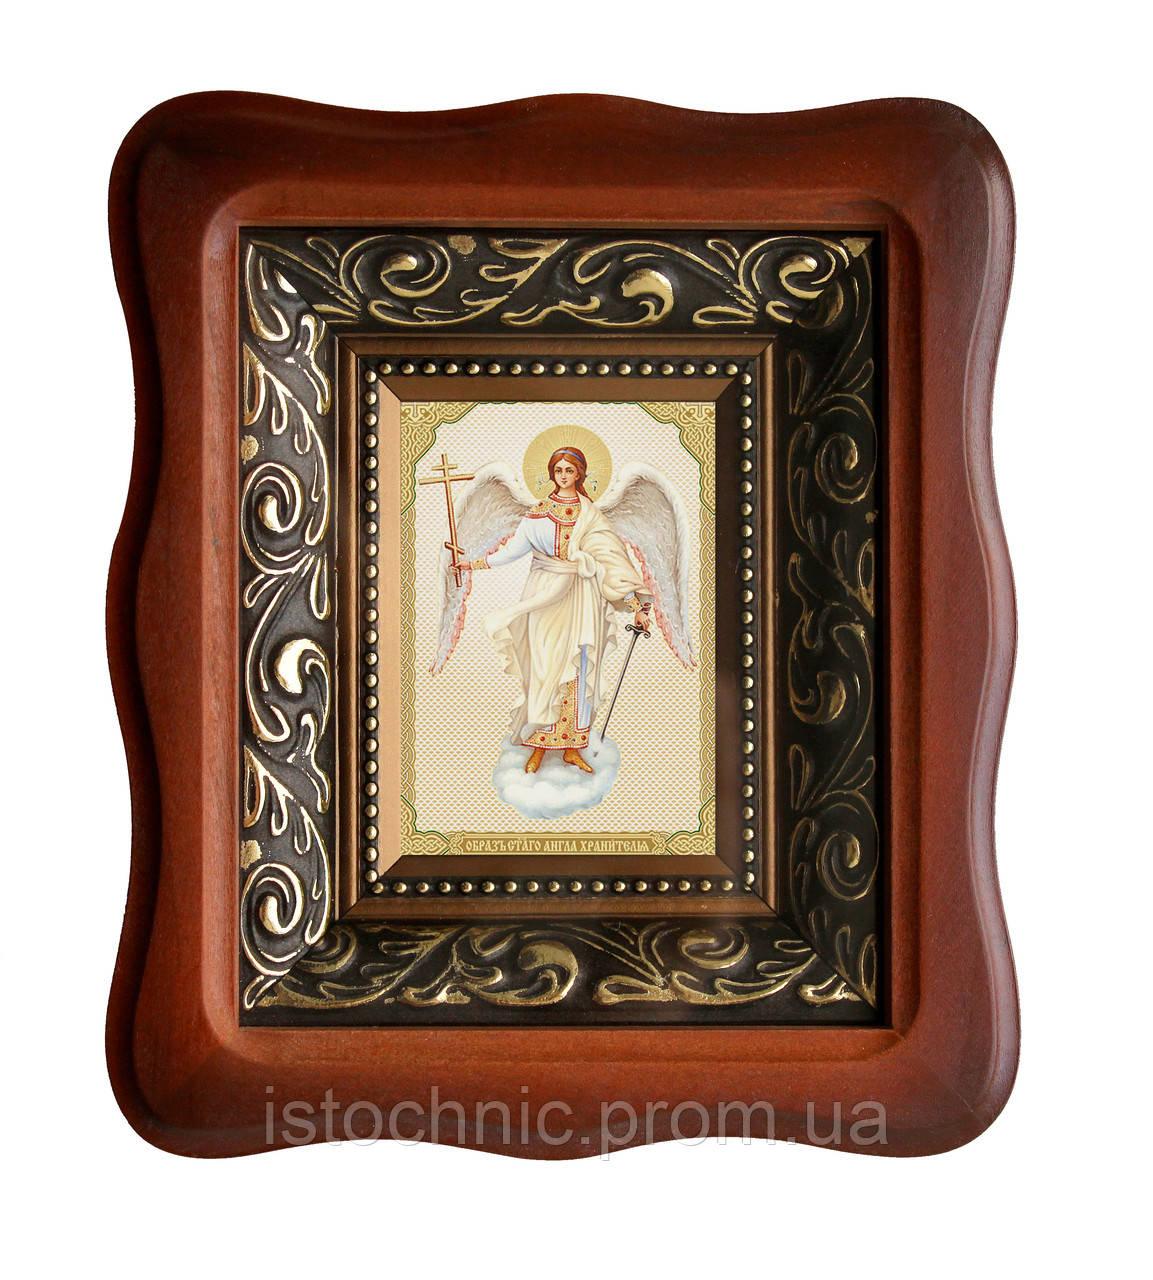 стручковой фасоли эскизы фото ангелов для икон и киотов ему разделить проколы